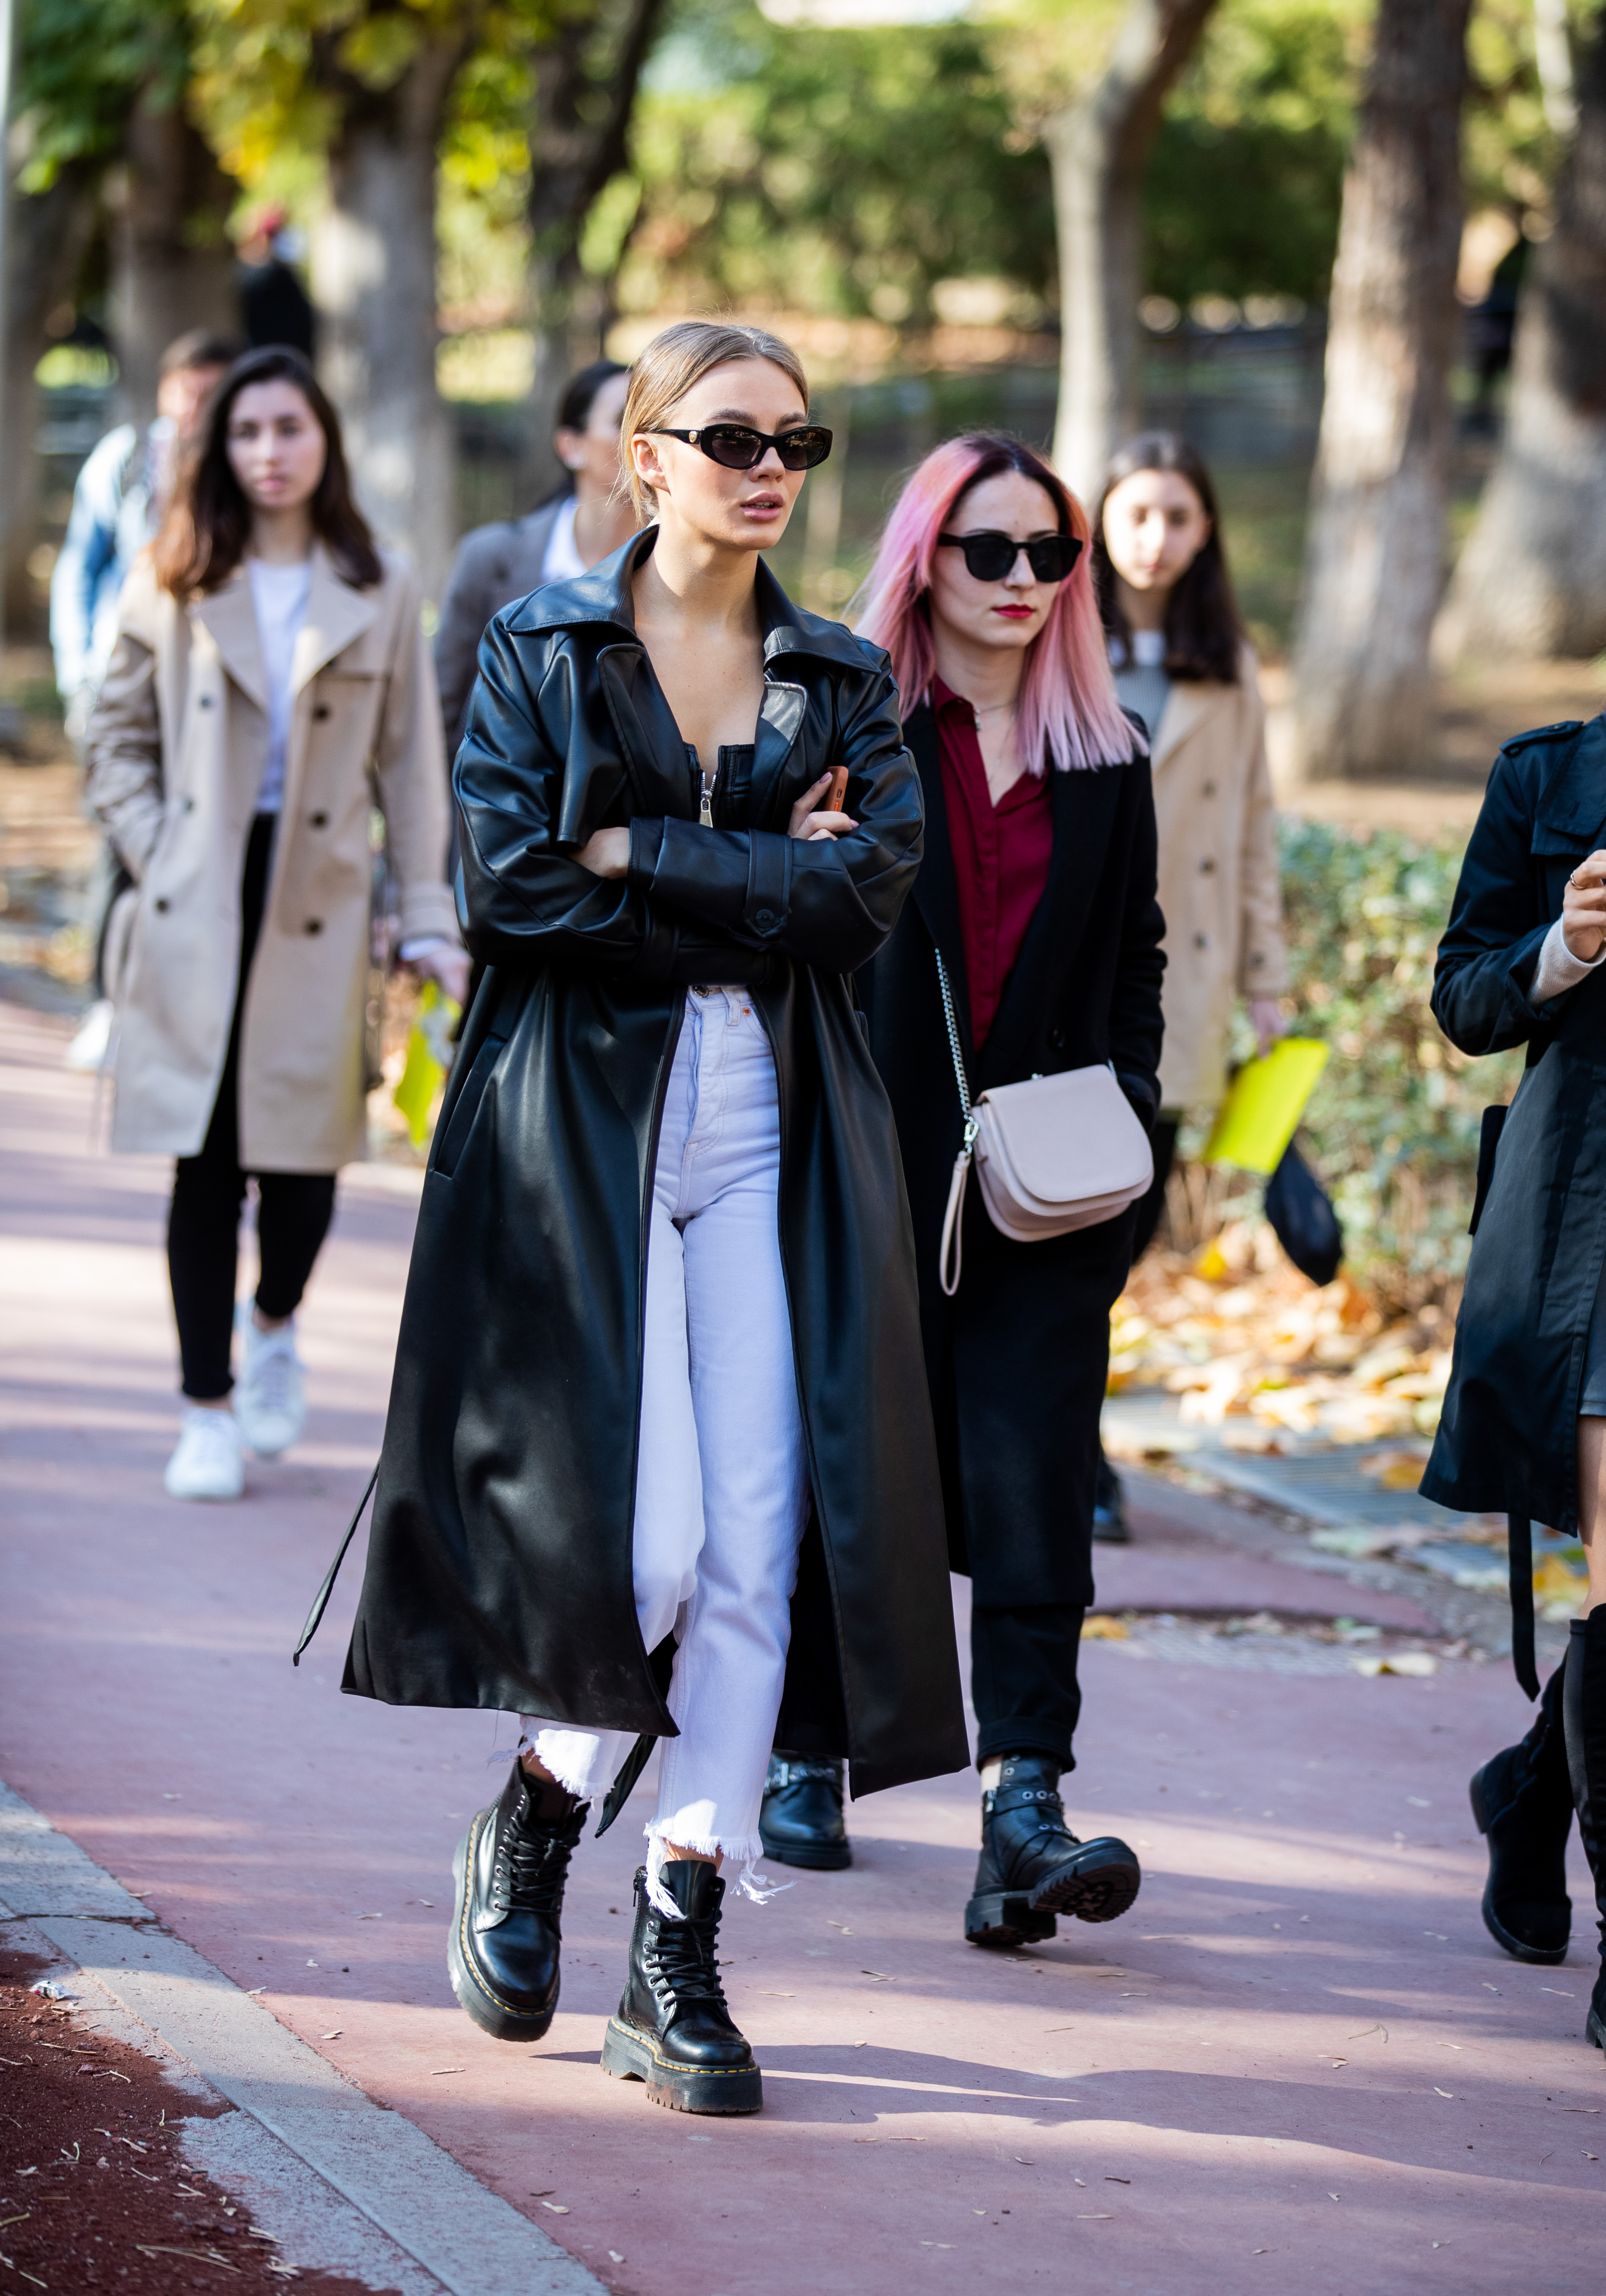 デニム×ワークブーツのストリート感あるスタイルに、ブラックレザーのロングコートをオン! モードな雰囲気にアップデートできる。タイトにまとめたヘアスタイルも雰囲気あってGOOD。